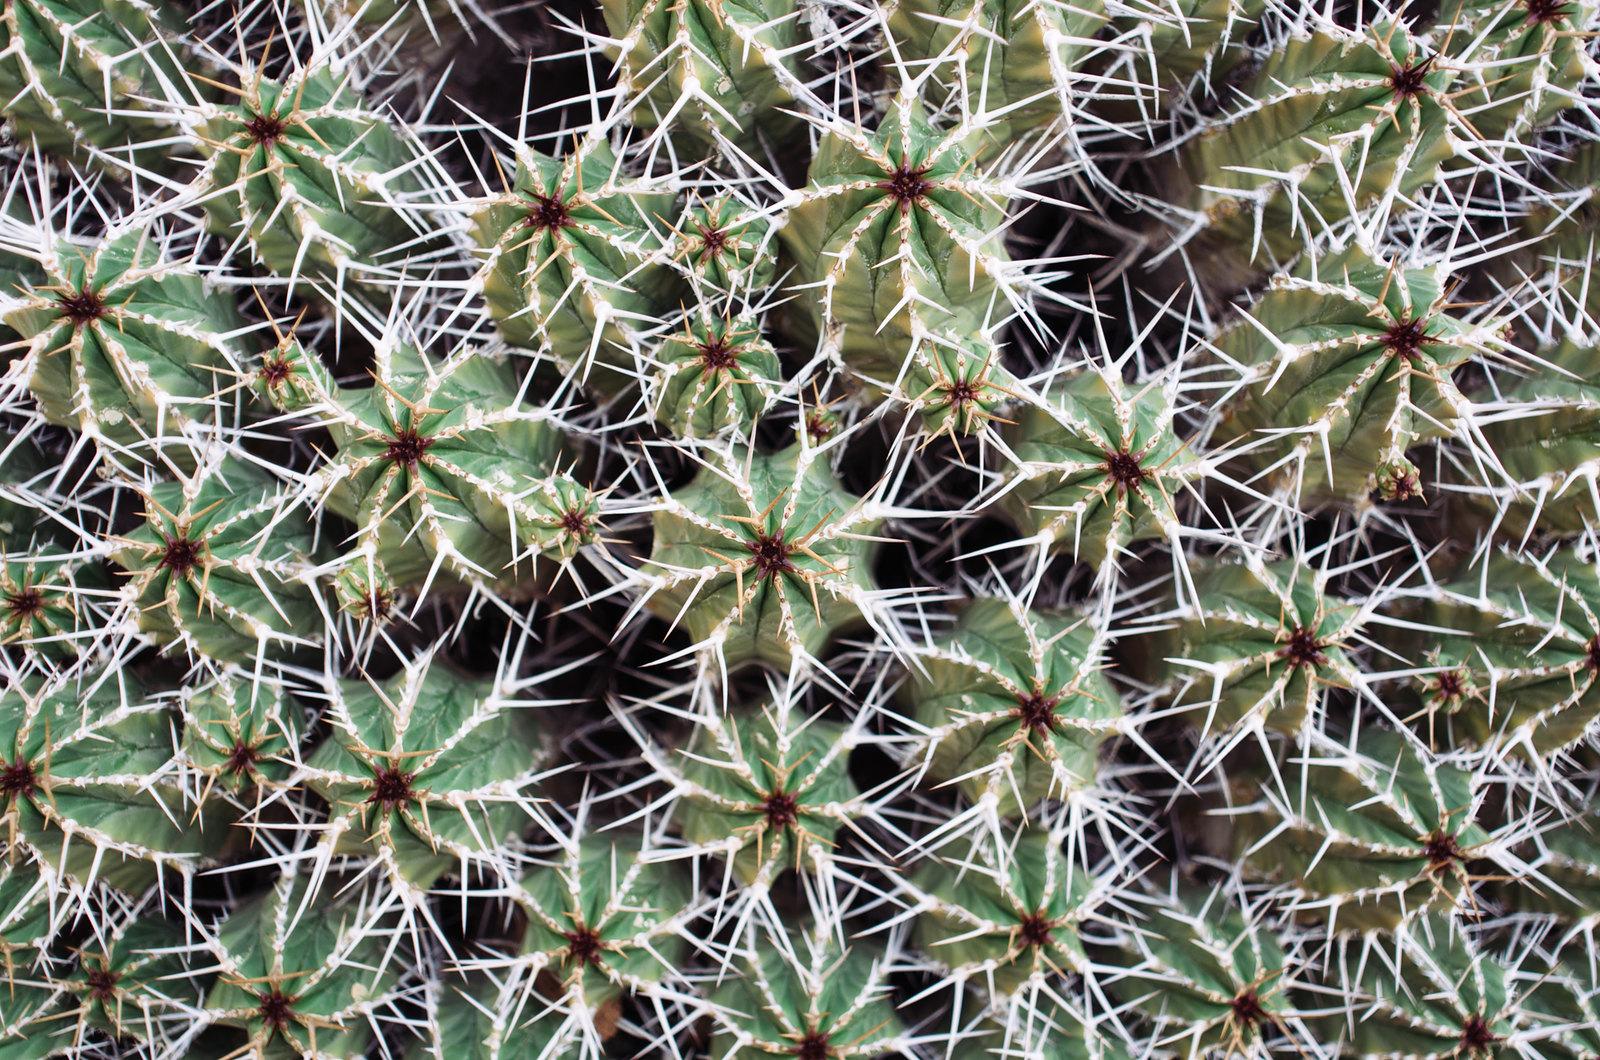 Amtoudi, anti-Atlas - 5 jours de trek au Maroc - Les cactus